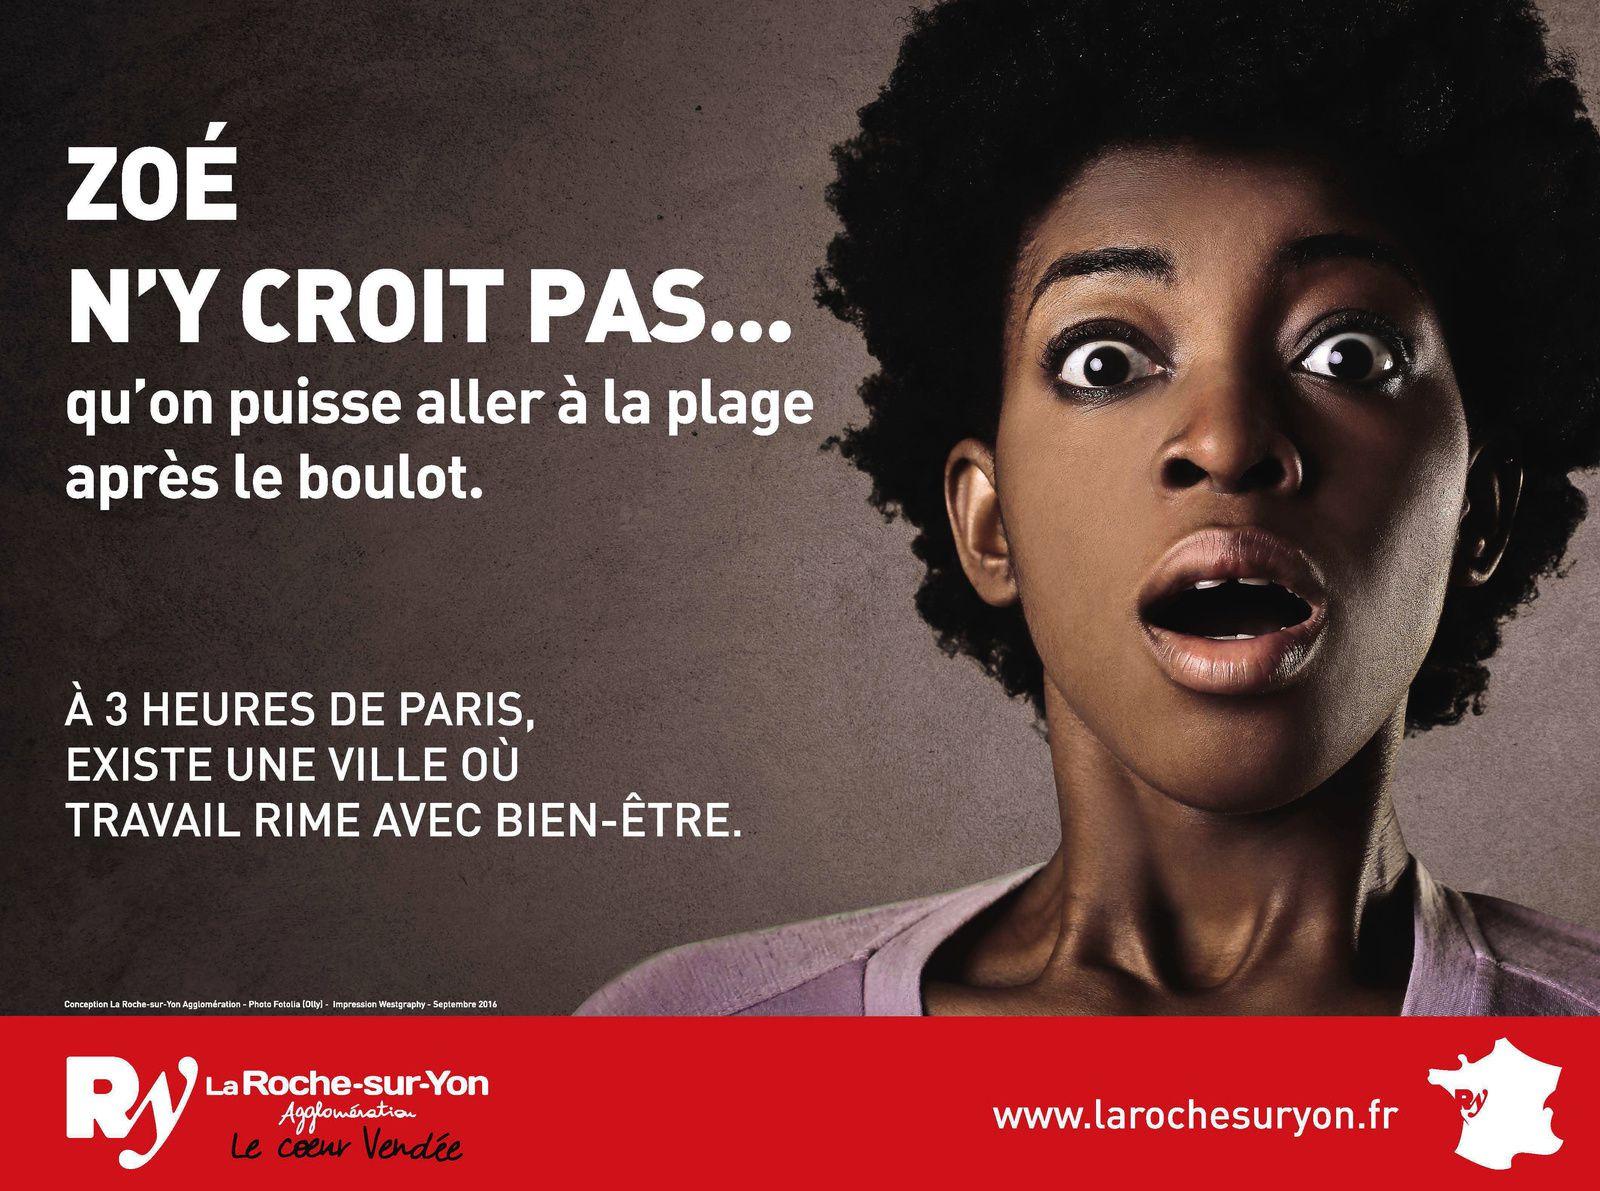 Campagne publicitaire de la Roche-sur-Yon agglo dans le métro parisien.